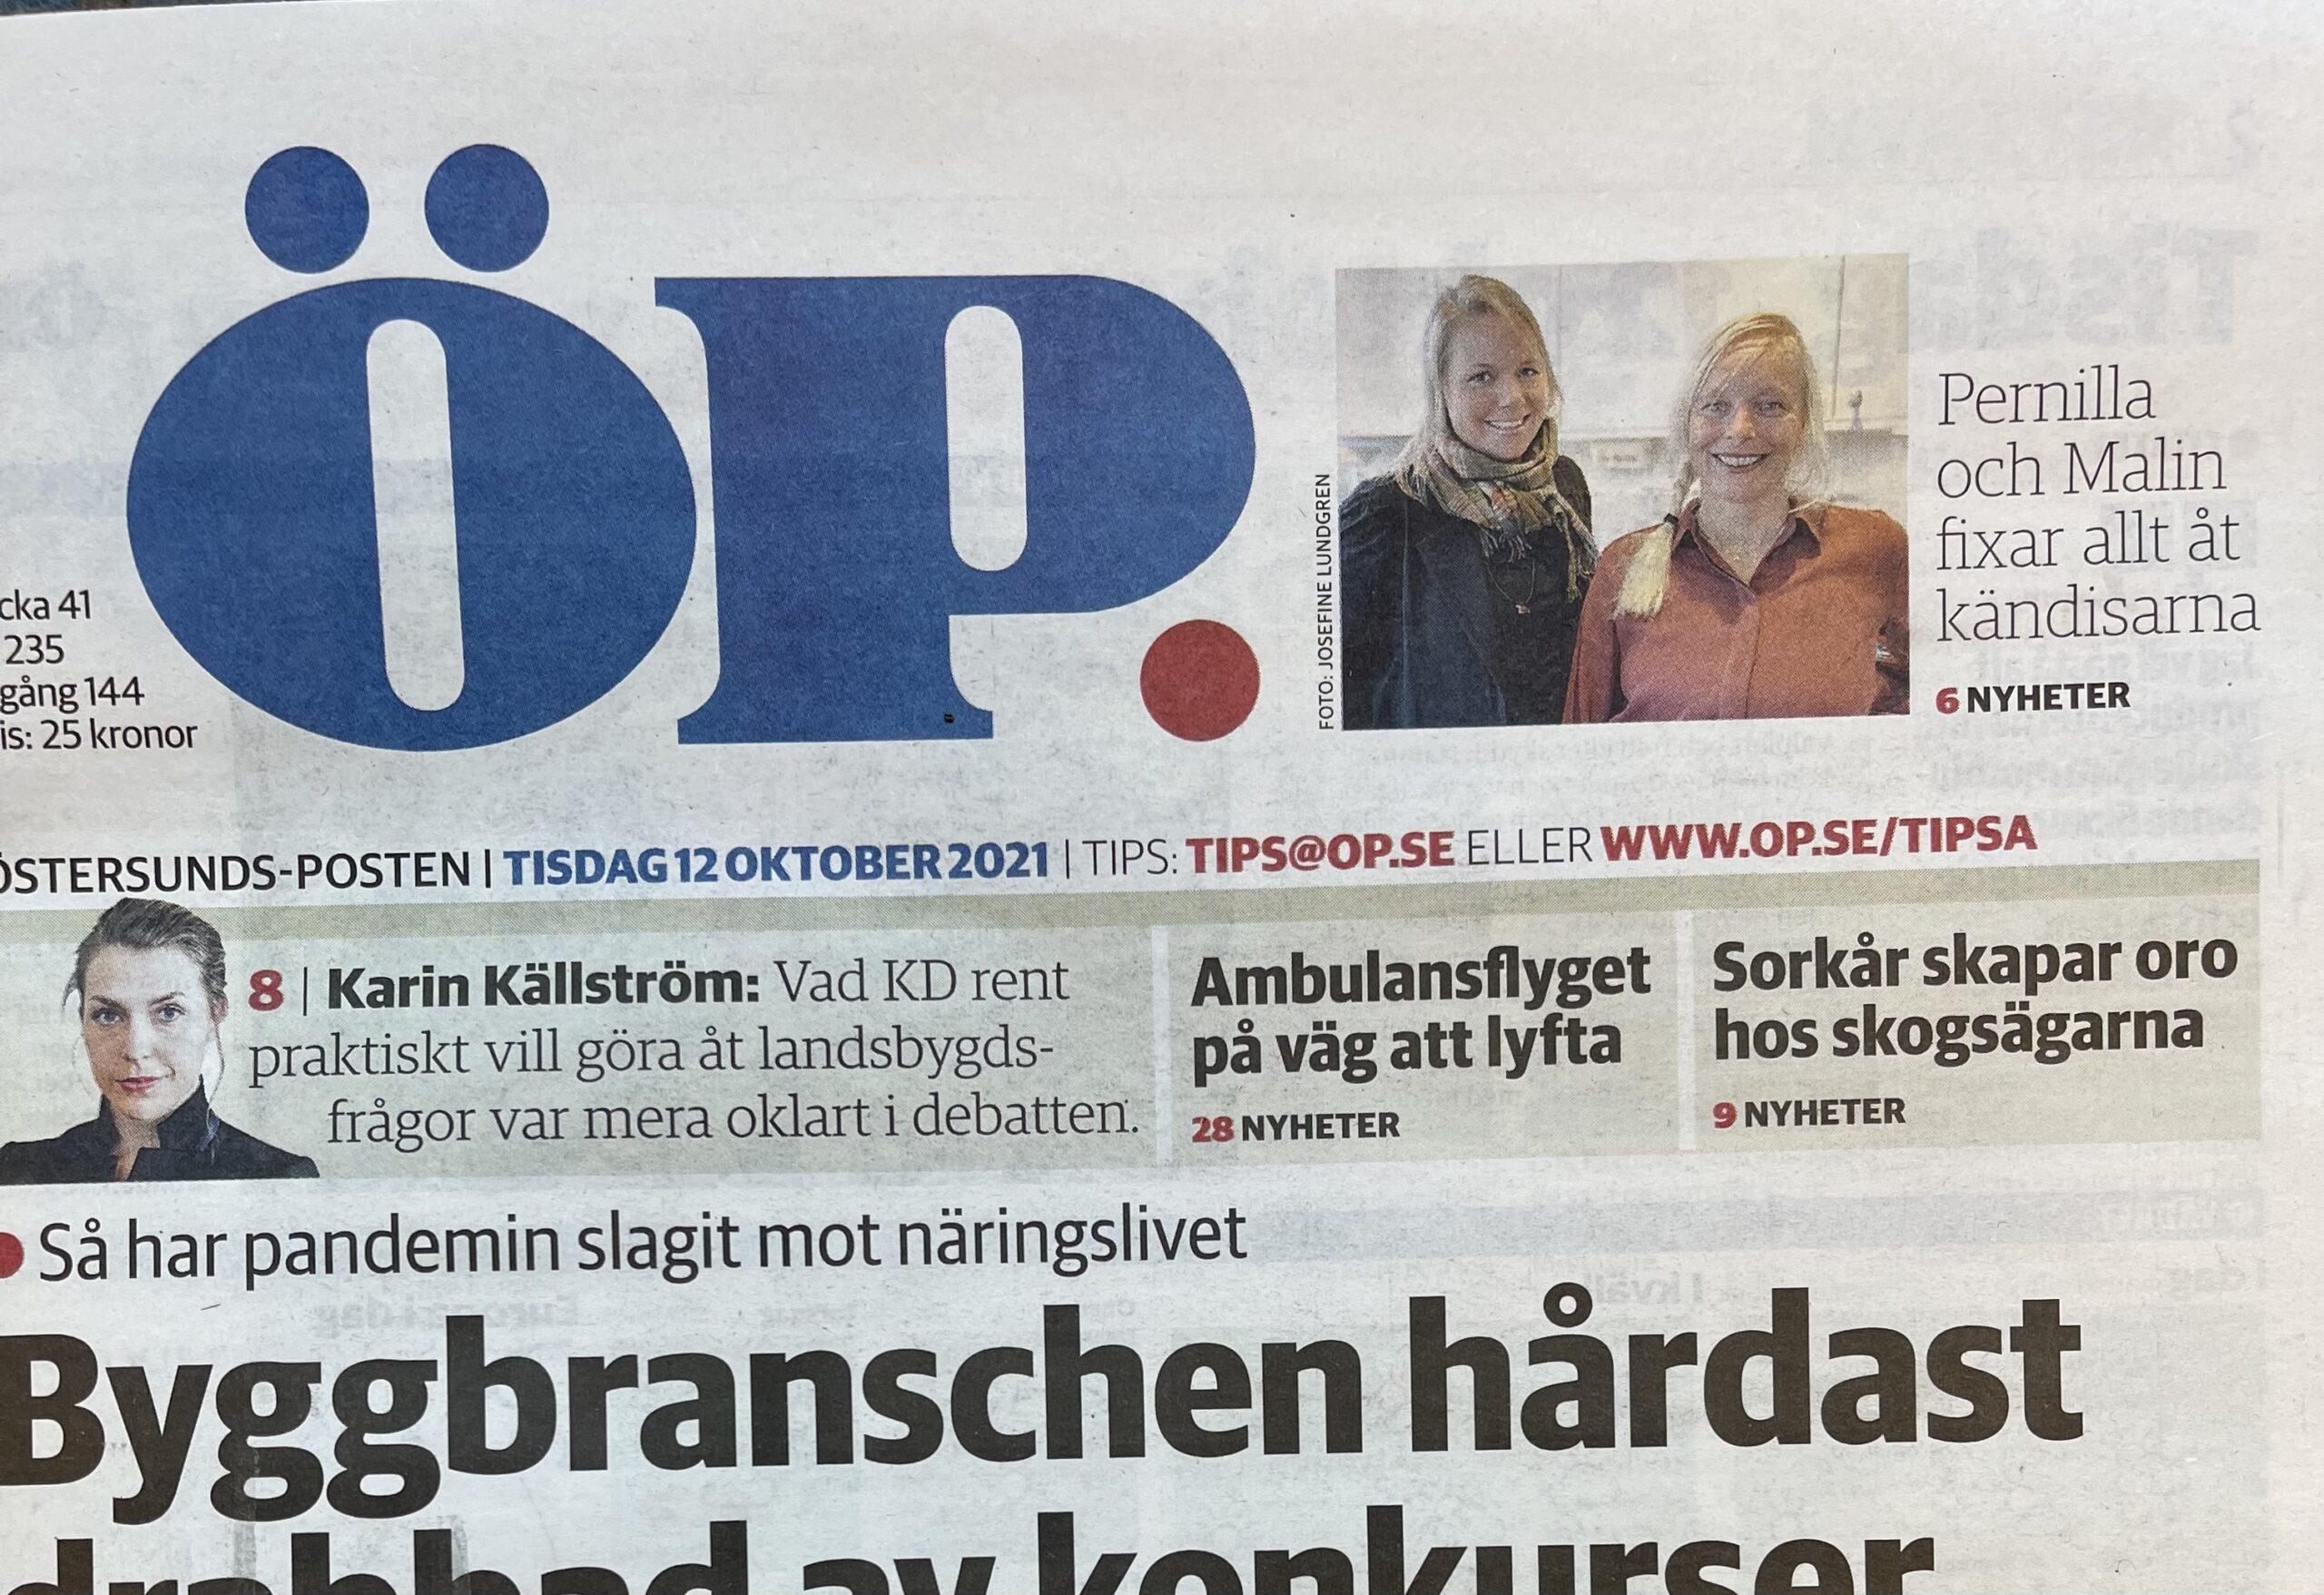 ÖP_Förstasidan_Åre_Travel_Mood_Manager